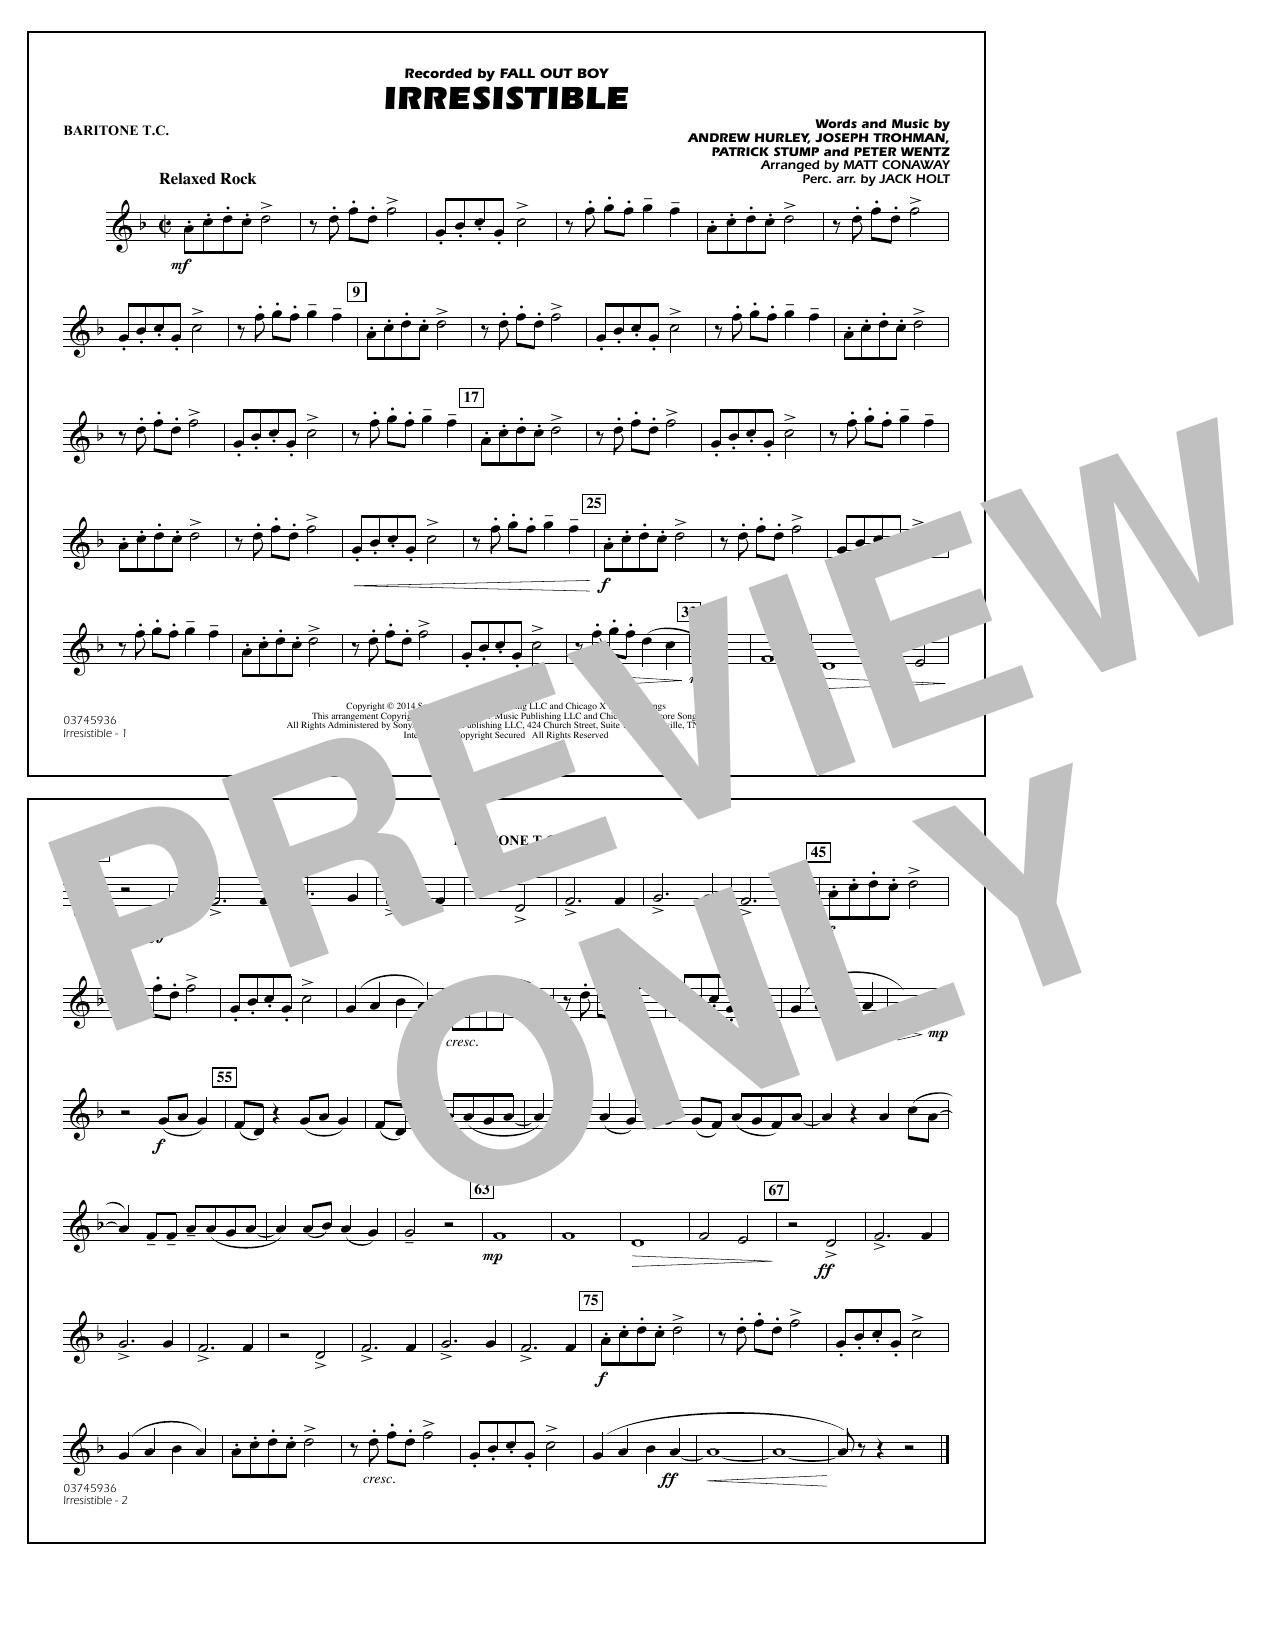 Irresistible - Baritone T.C. (Marching Band)